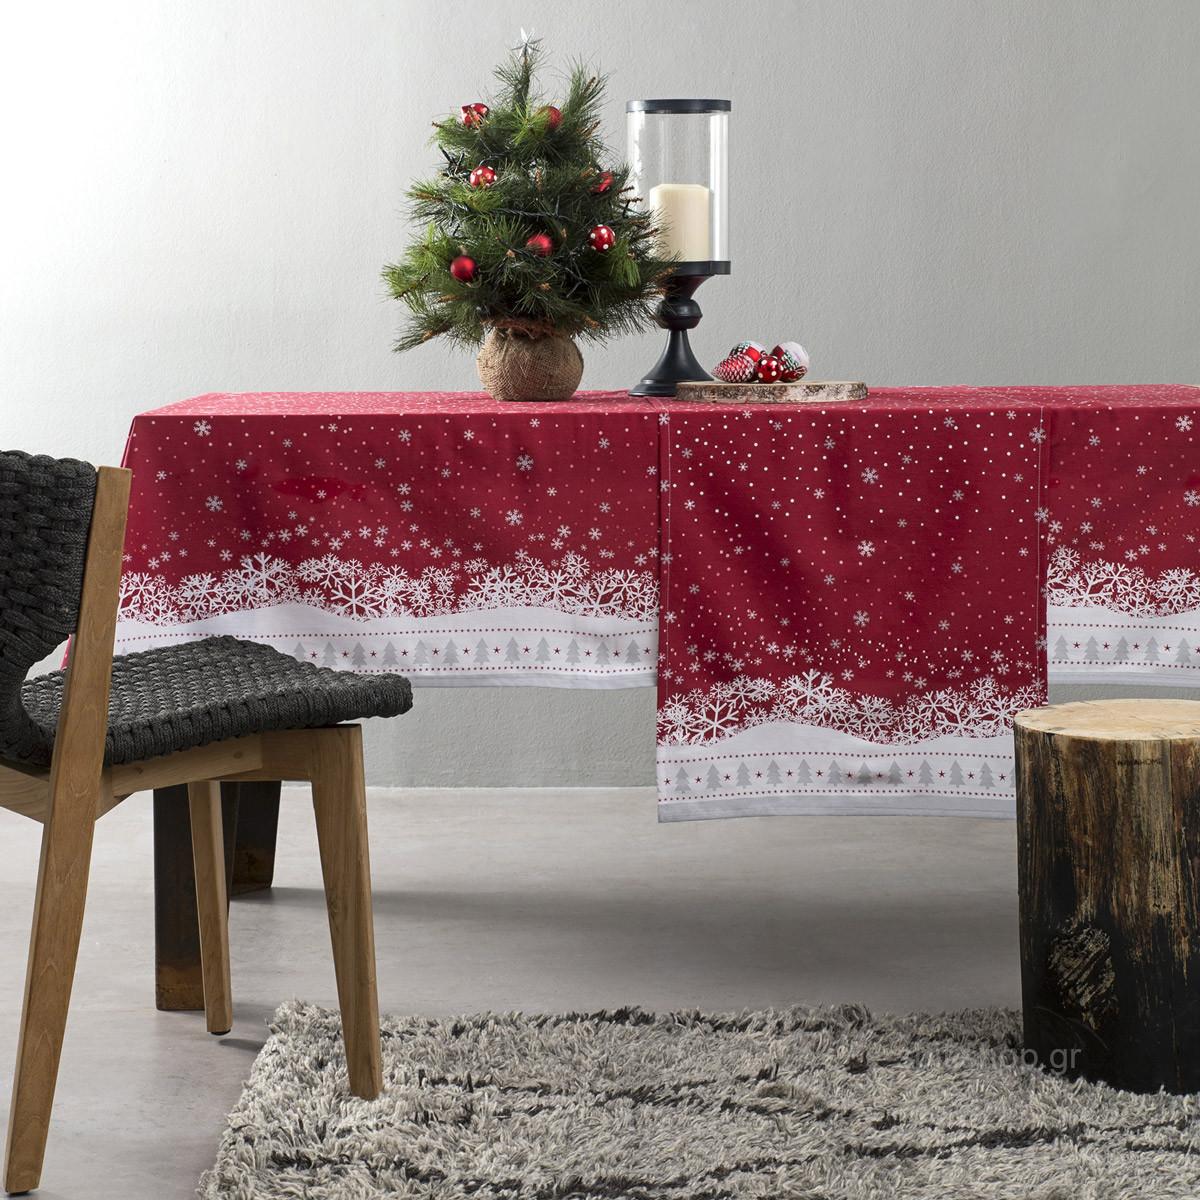 Χριστουγεννιάτικο Τραπεζομάντηλο (150×190) Nima Holly Day